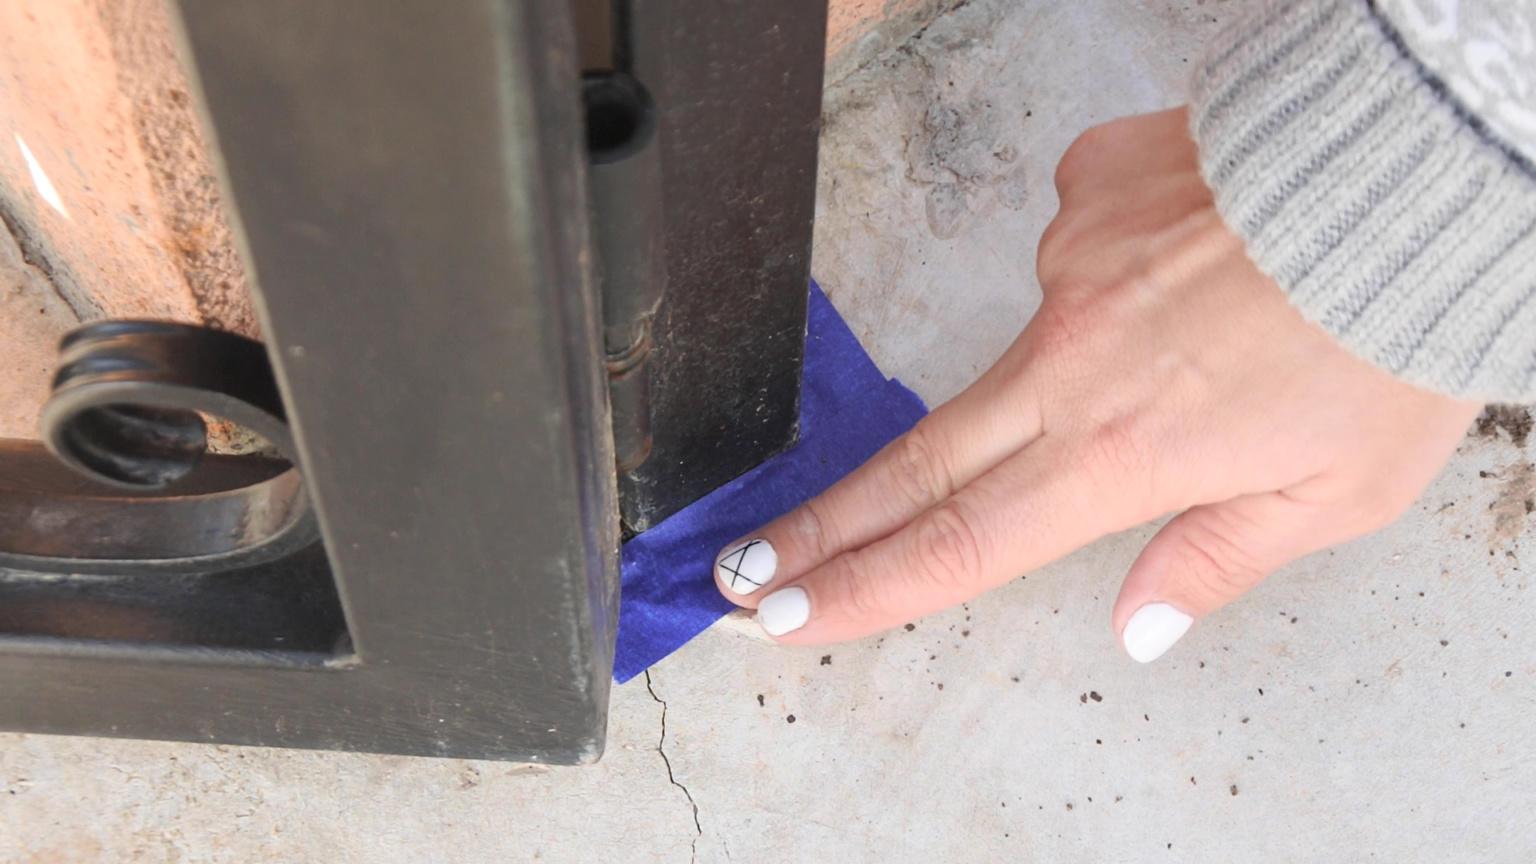 Changer la couleur d'une barrière en fer